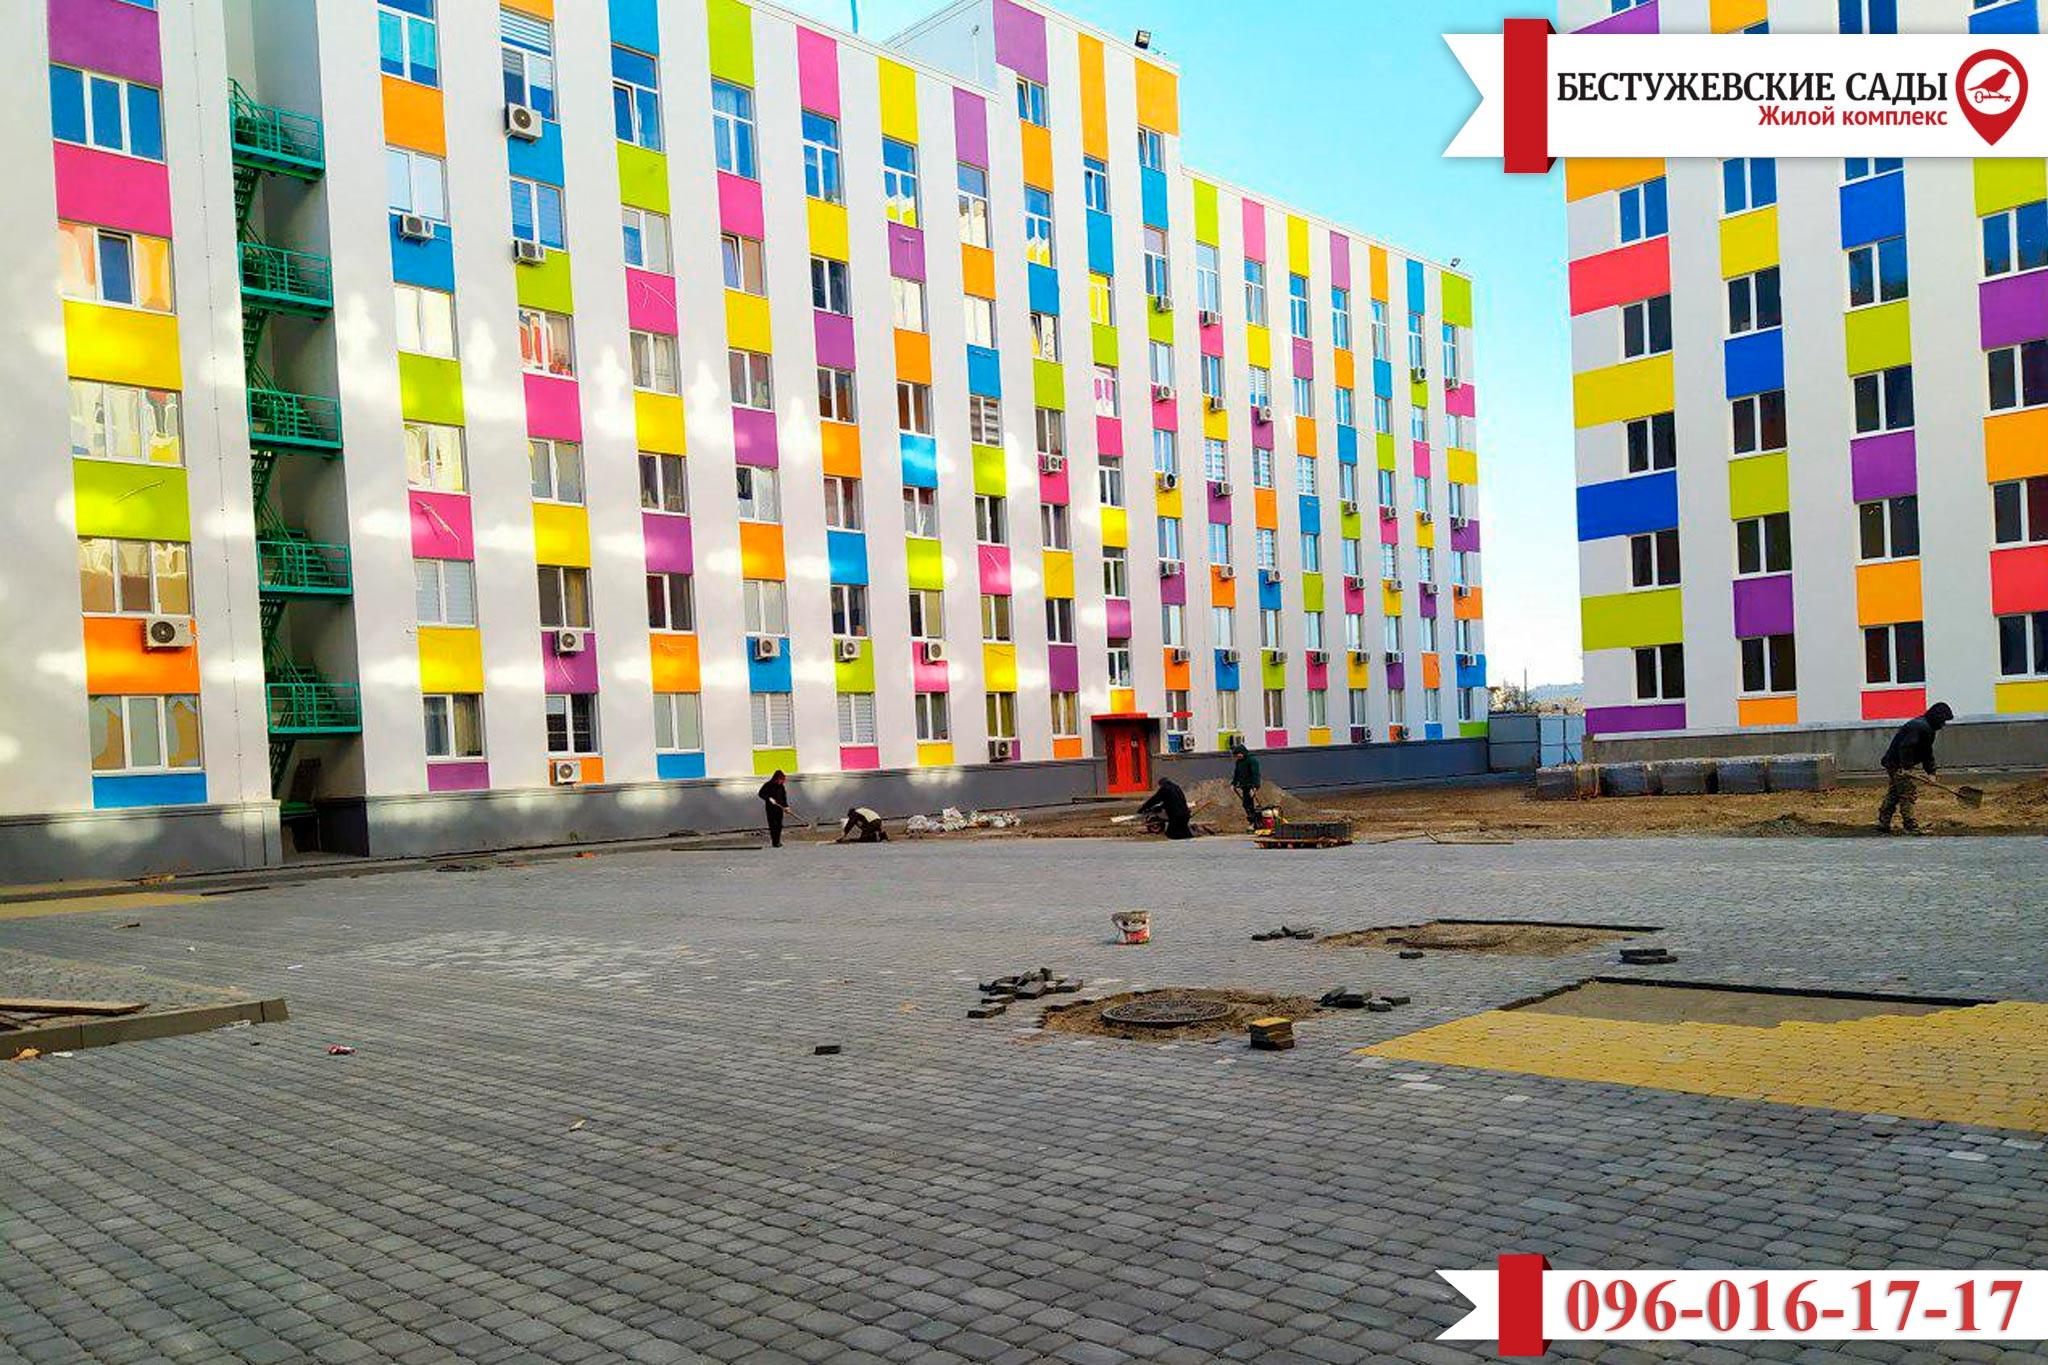 Прогресс в строительстве ЖК «Бестужевские сады»